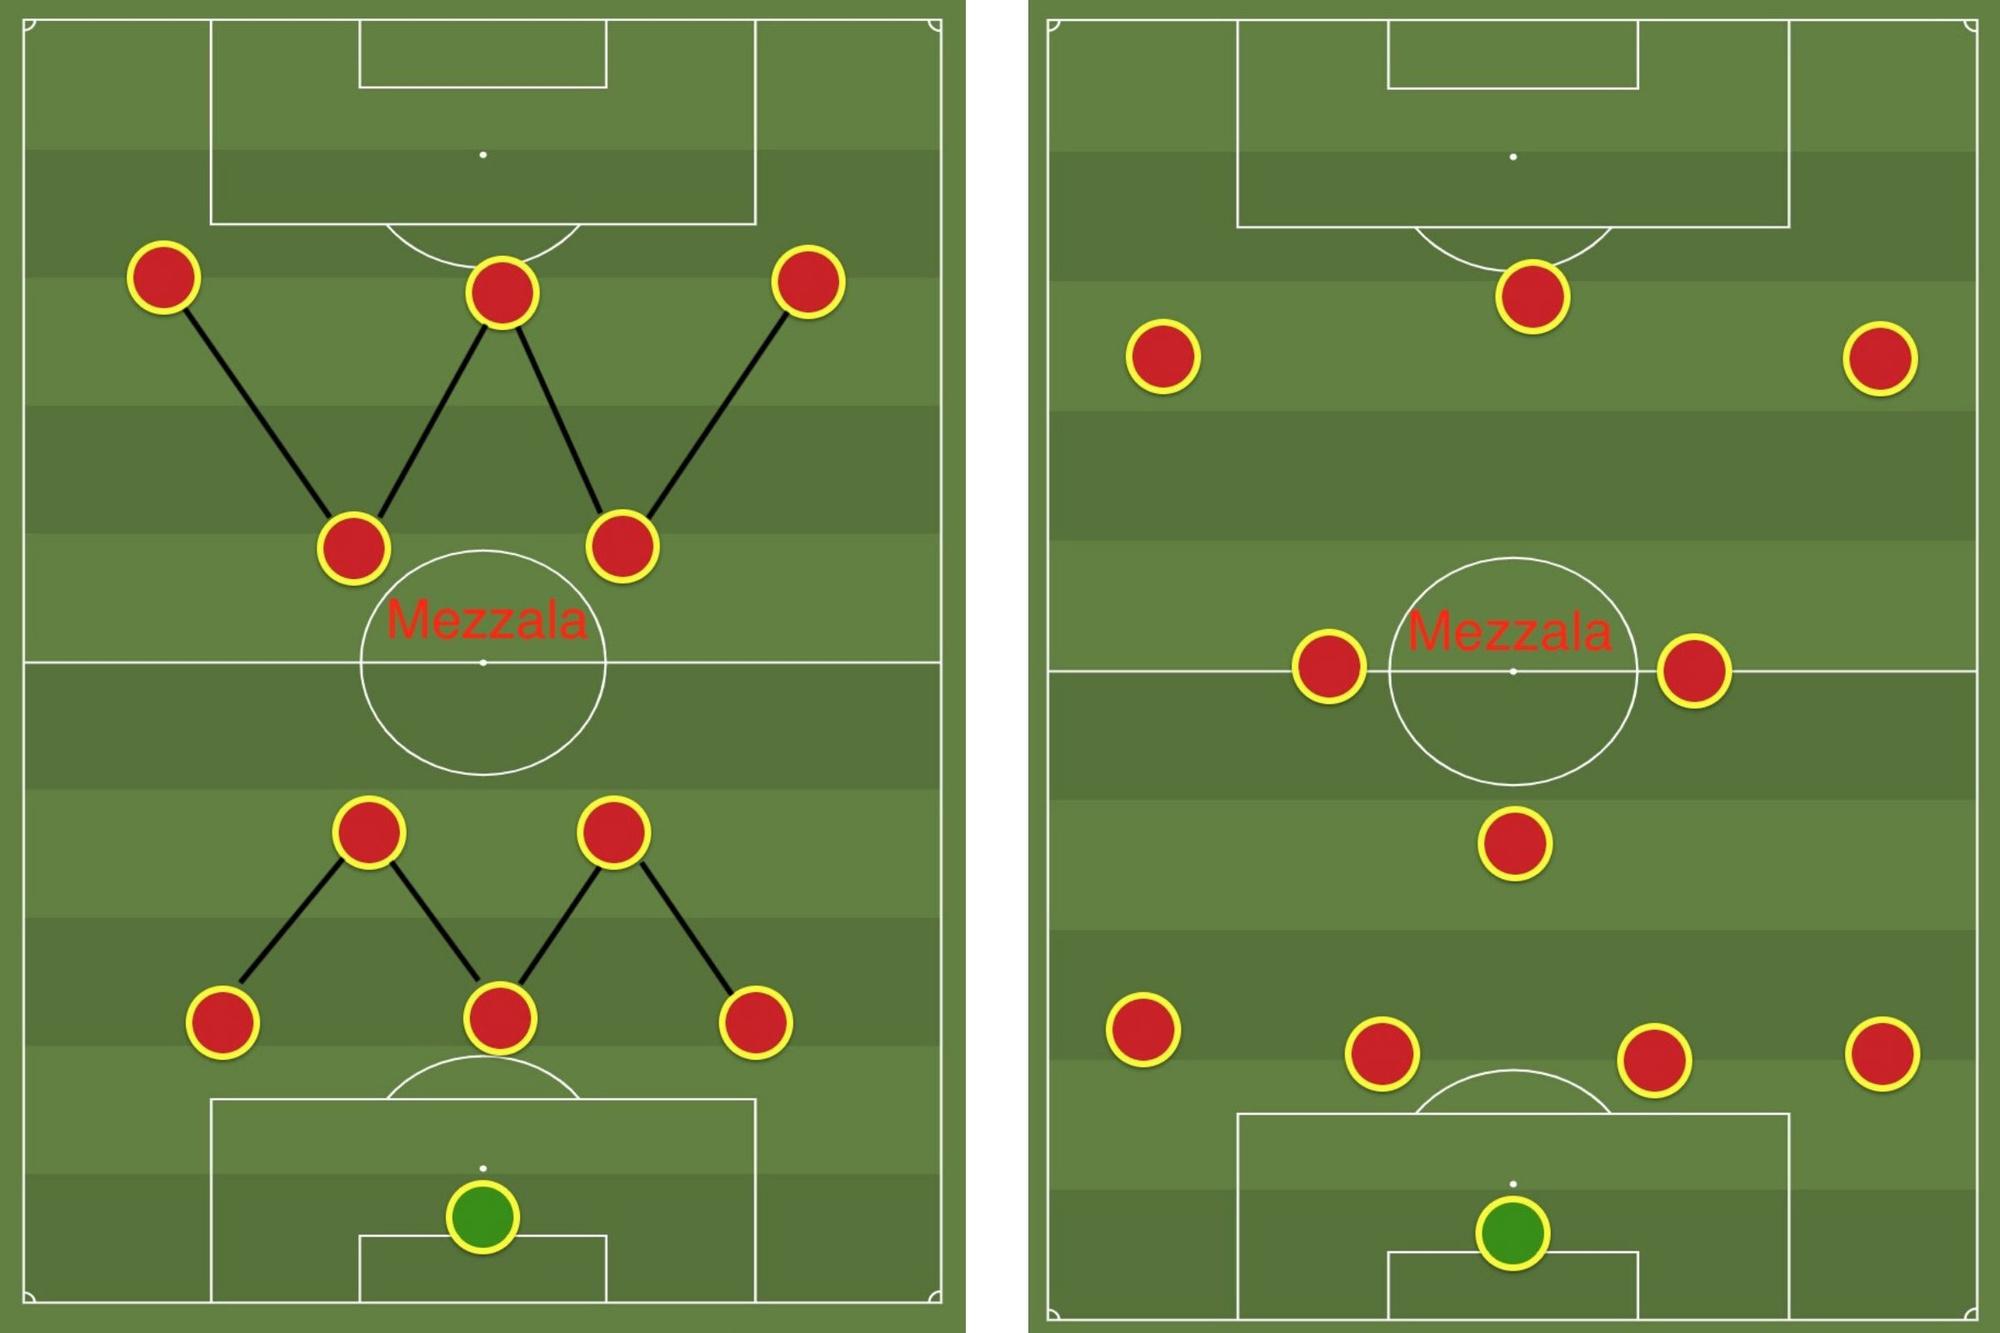 Links: het WM-systeem, de standaardopstelling in de jaren 1920-30, met de mezzala net achter de voorlinie; Rechts: een klassieke 4-3-3, met naast/voor de verdedigende middenvelder de positie van de mezzala, Redactie